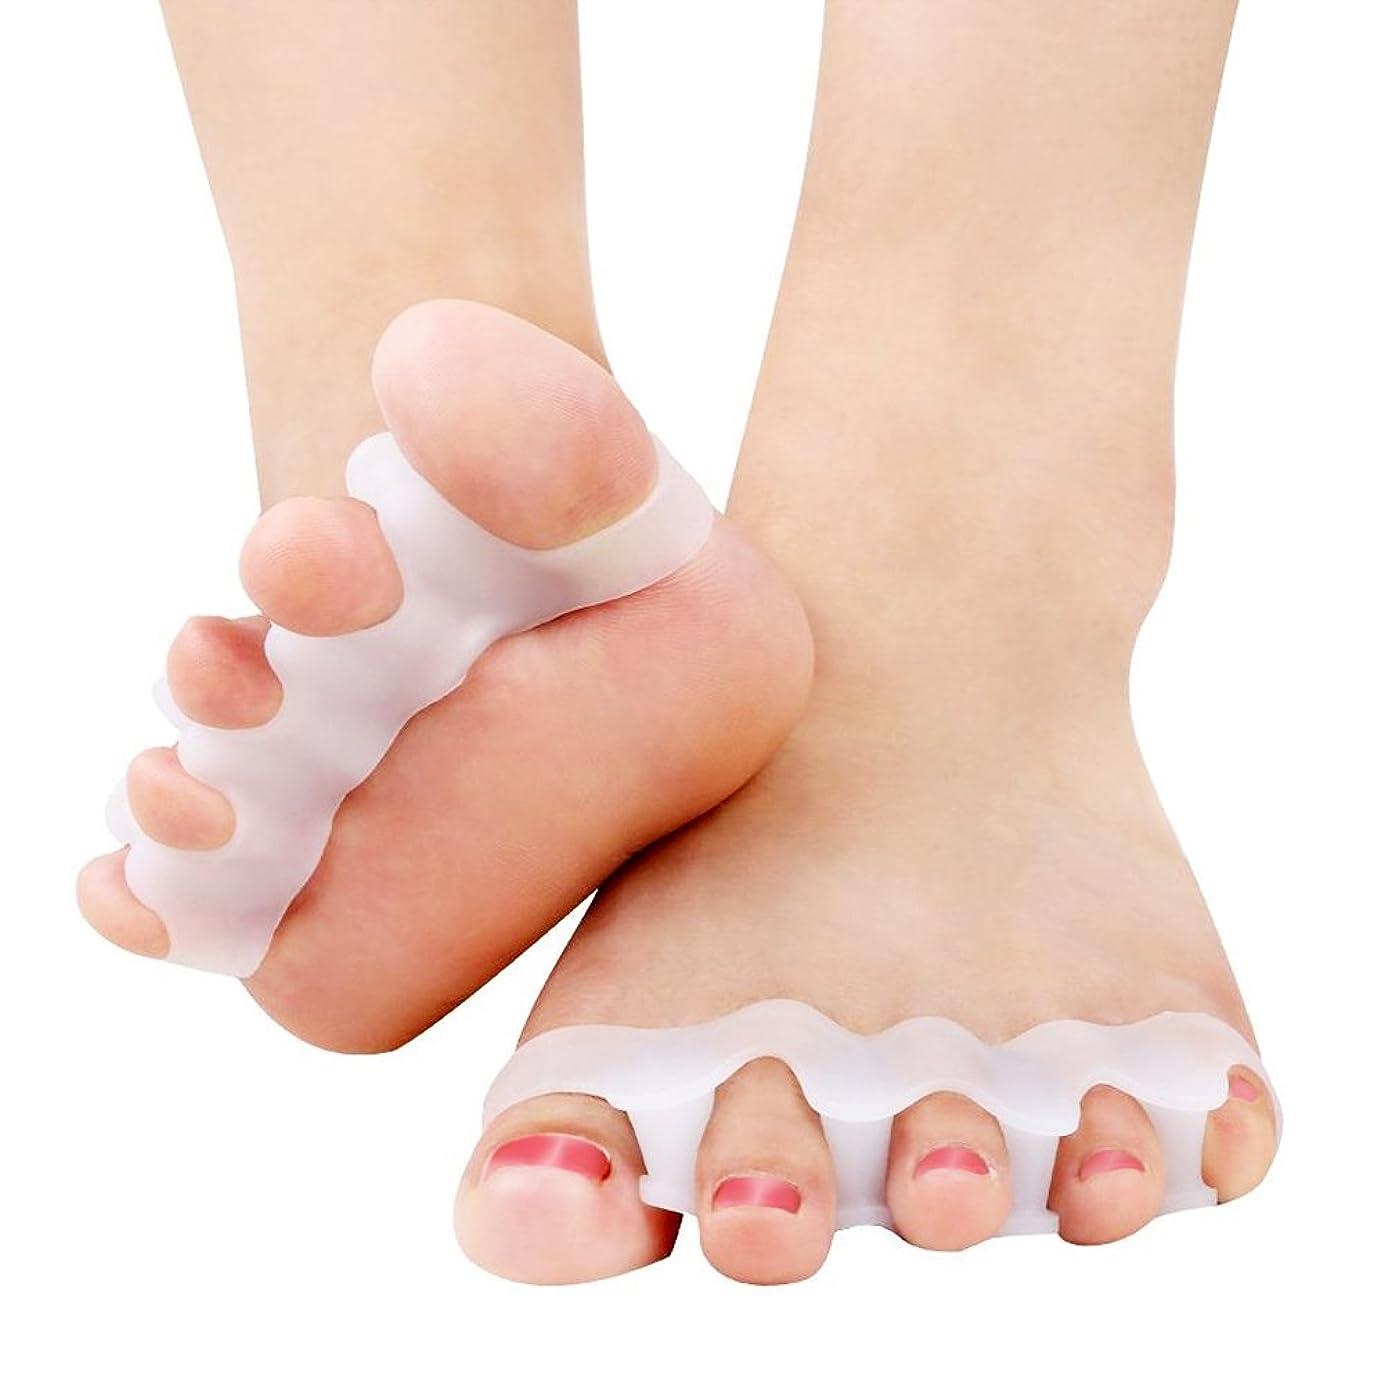 死にかけている砂漠規制するCandyBox 女子力UP フットネイル ペディキュア 足指全開 自宅で簡単 仕上がり奇麗 柔らかシリコン フリーサイズ